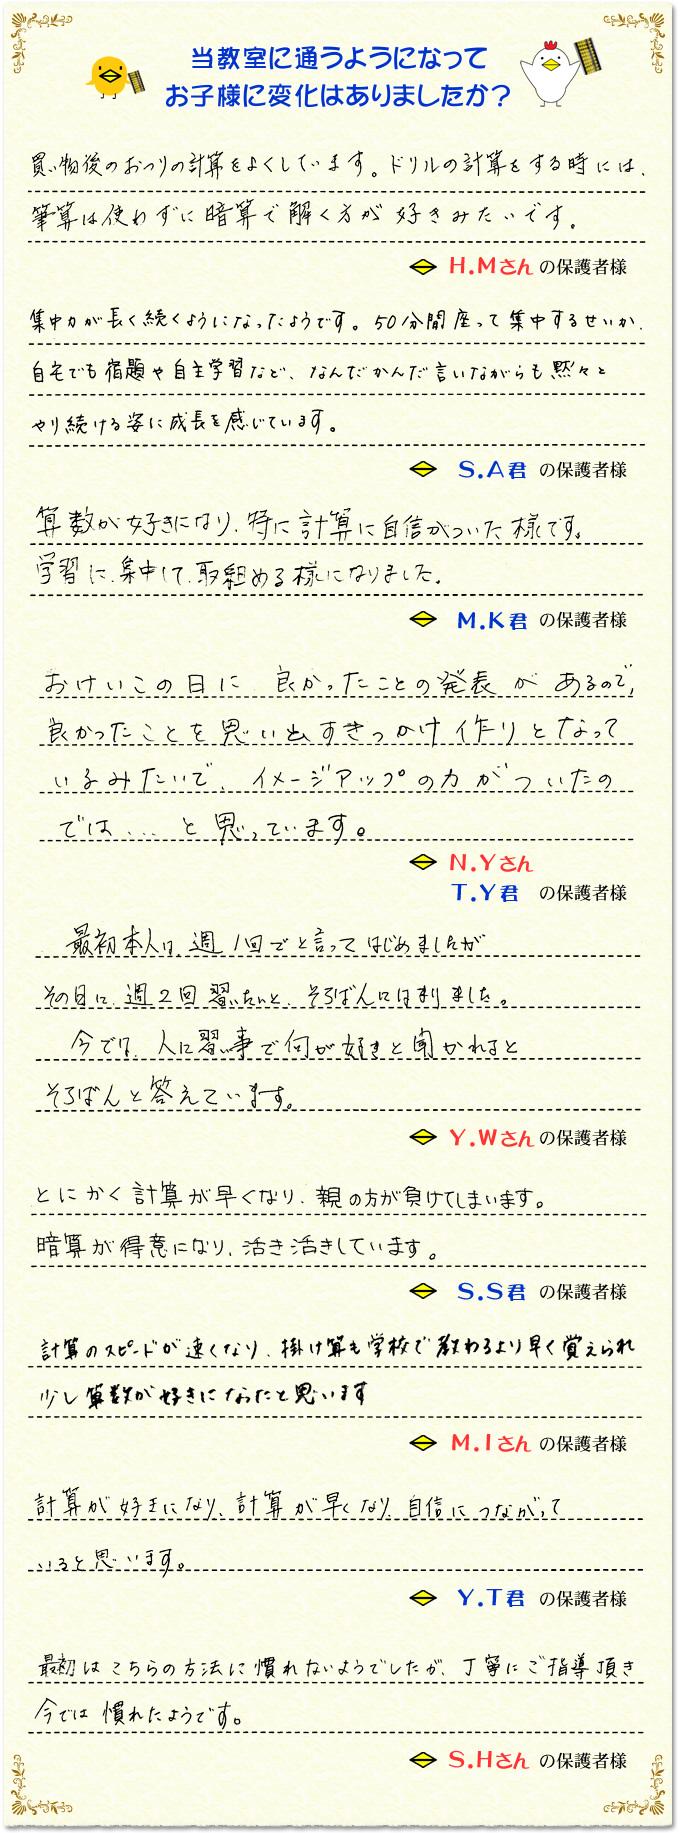 静岡市のそろばん塾ピコ瀬名校。保護者様の声(お子さまの変化)。